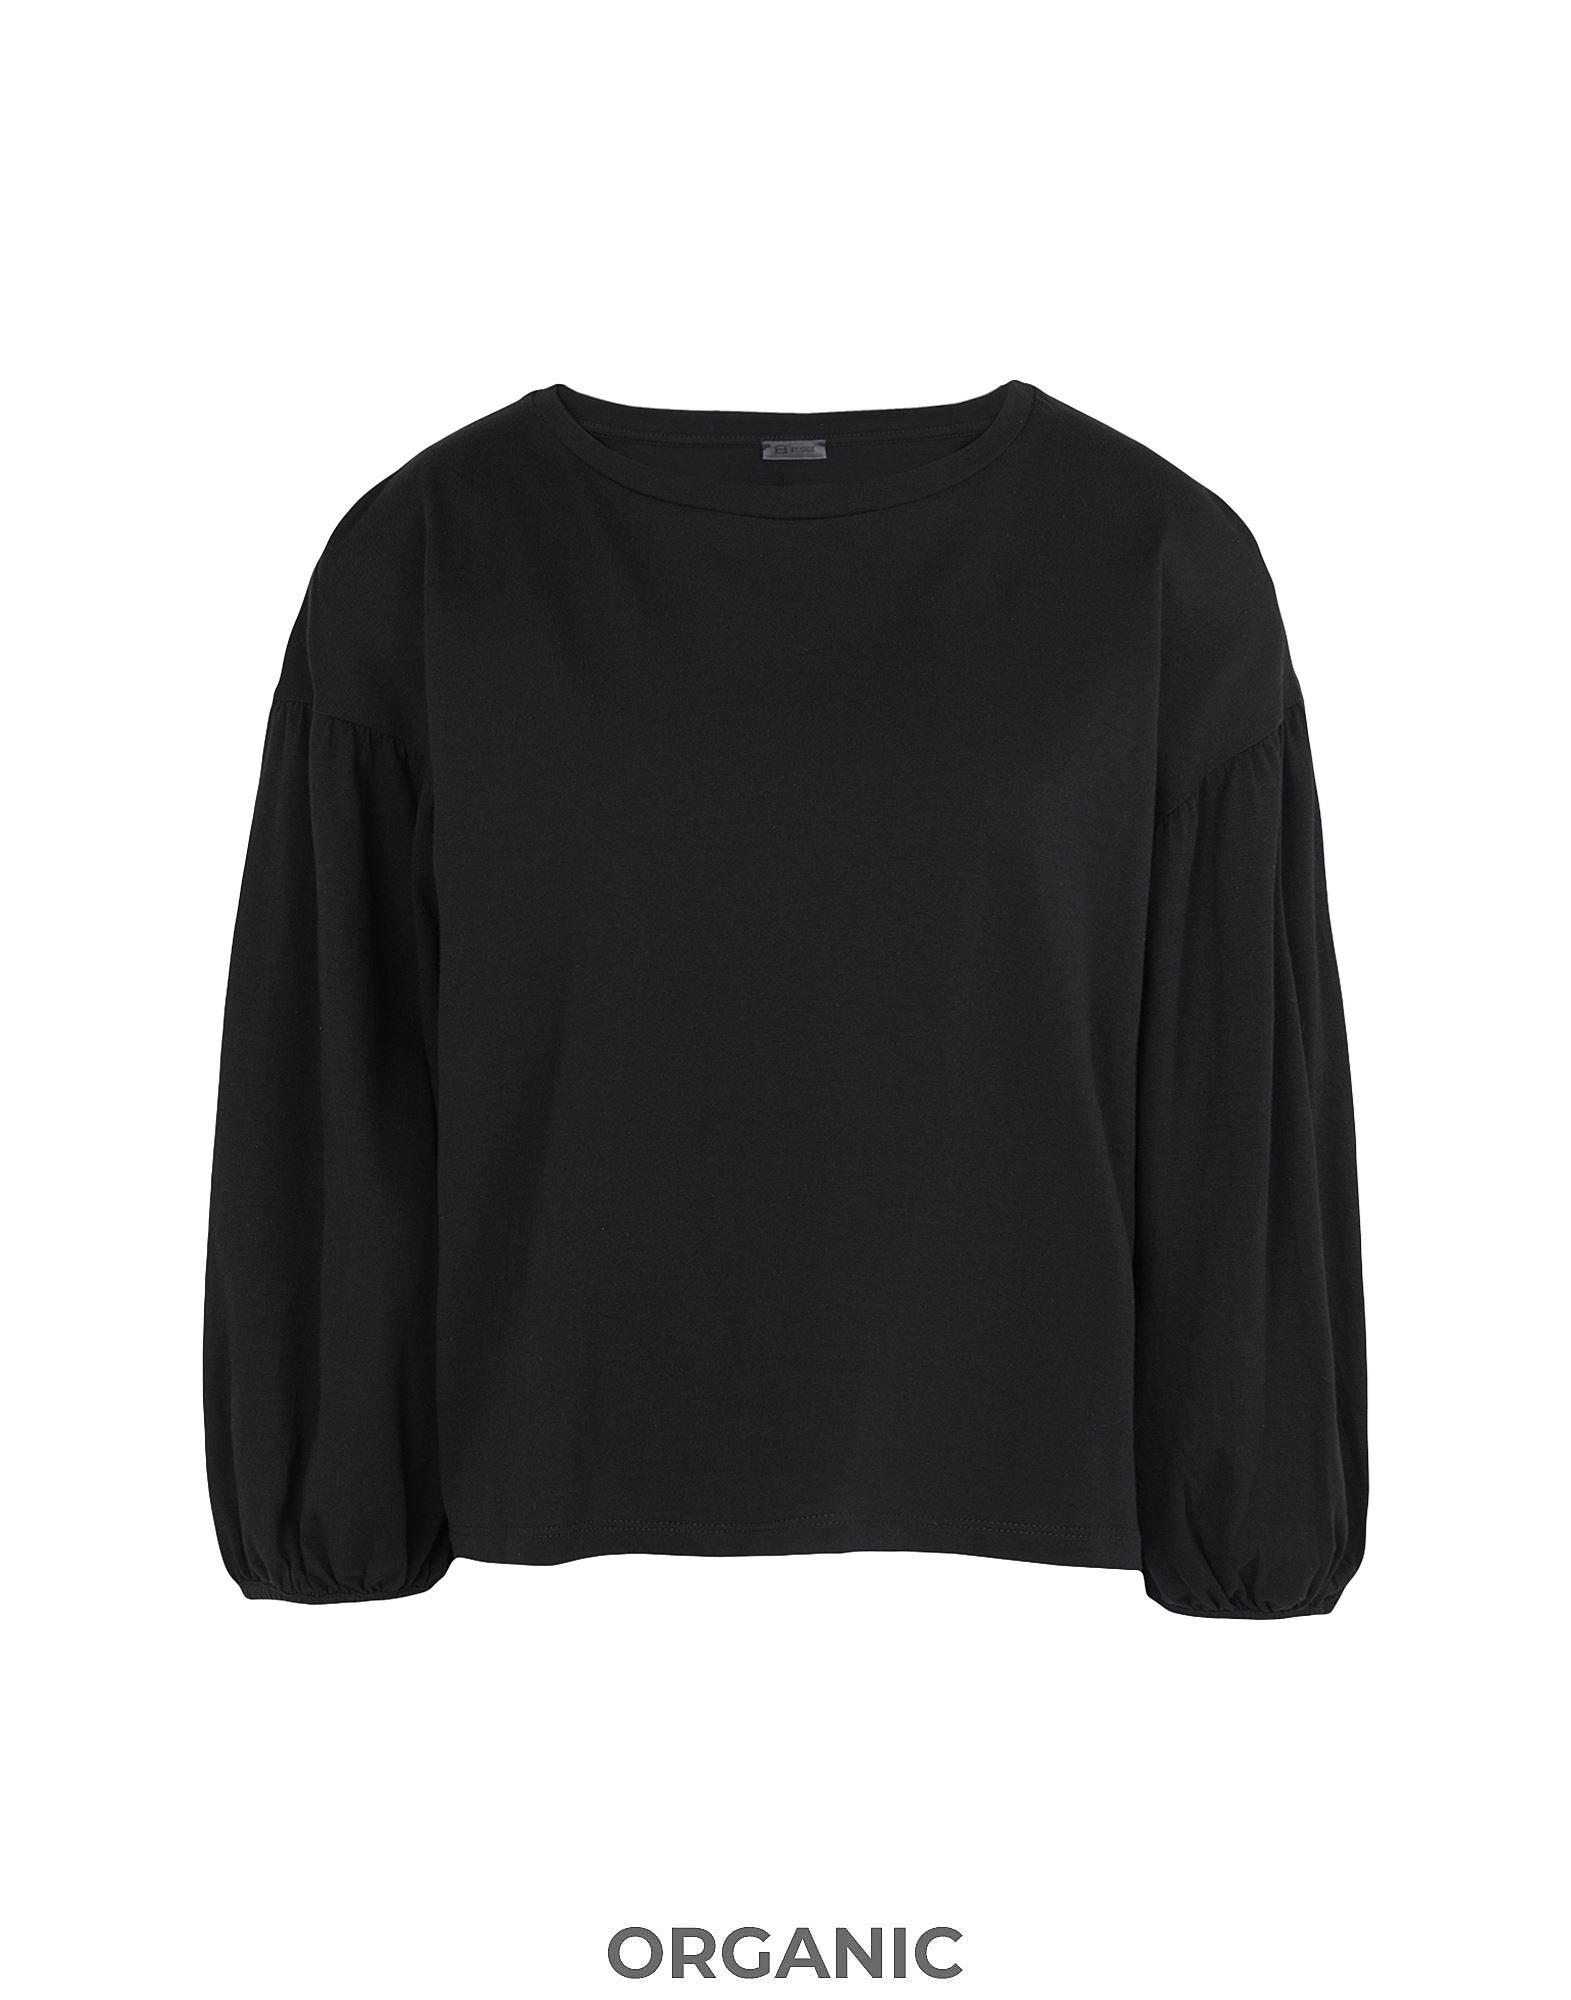 《セール開催中》8 by YOOX レディース T シャツ ブラック XS オーガニックコットン 100% ORGANIC COTTON JERSEY PUFF SLEEVE SWEATSHIRT